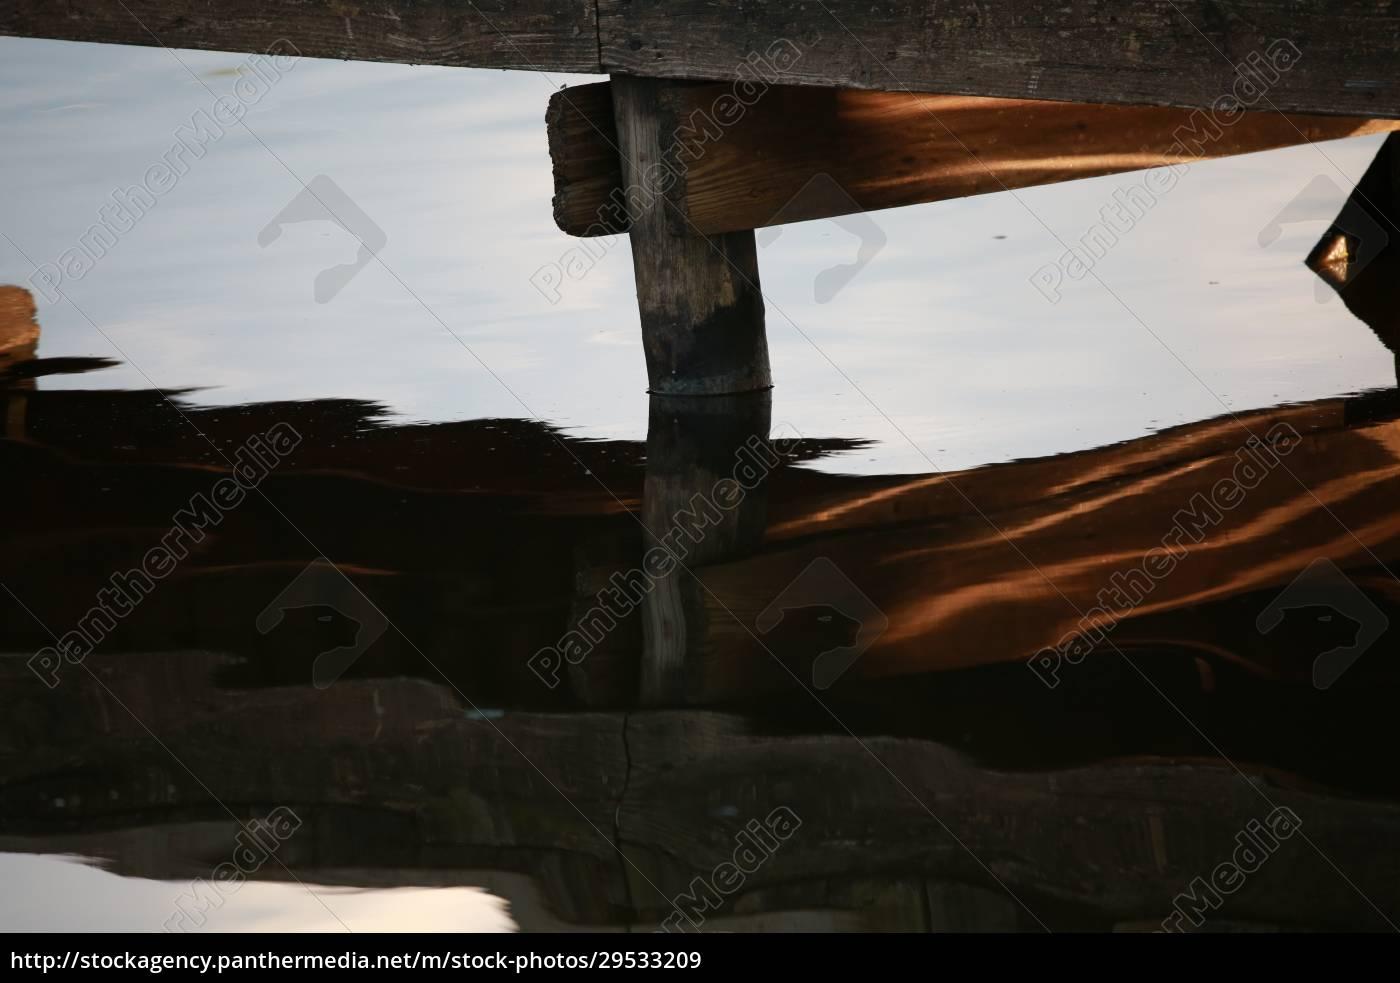 hölzerne, pier, und, reflexion - 29533209